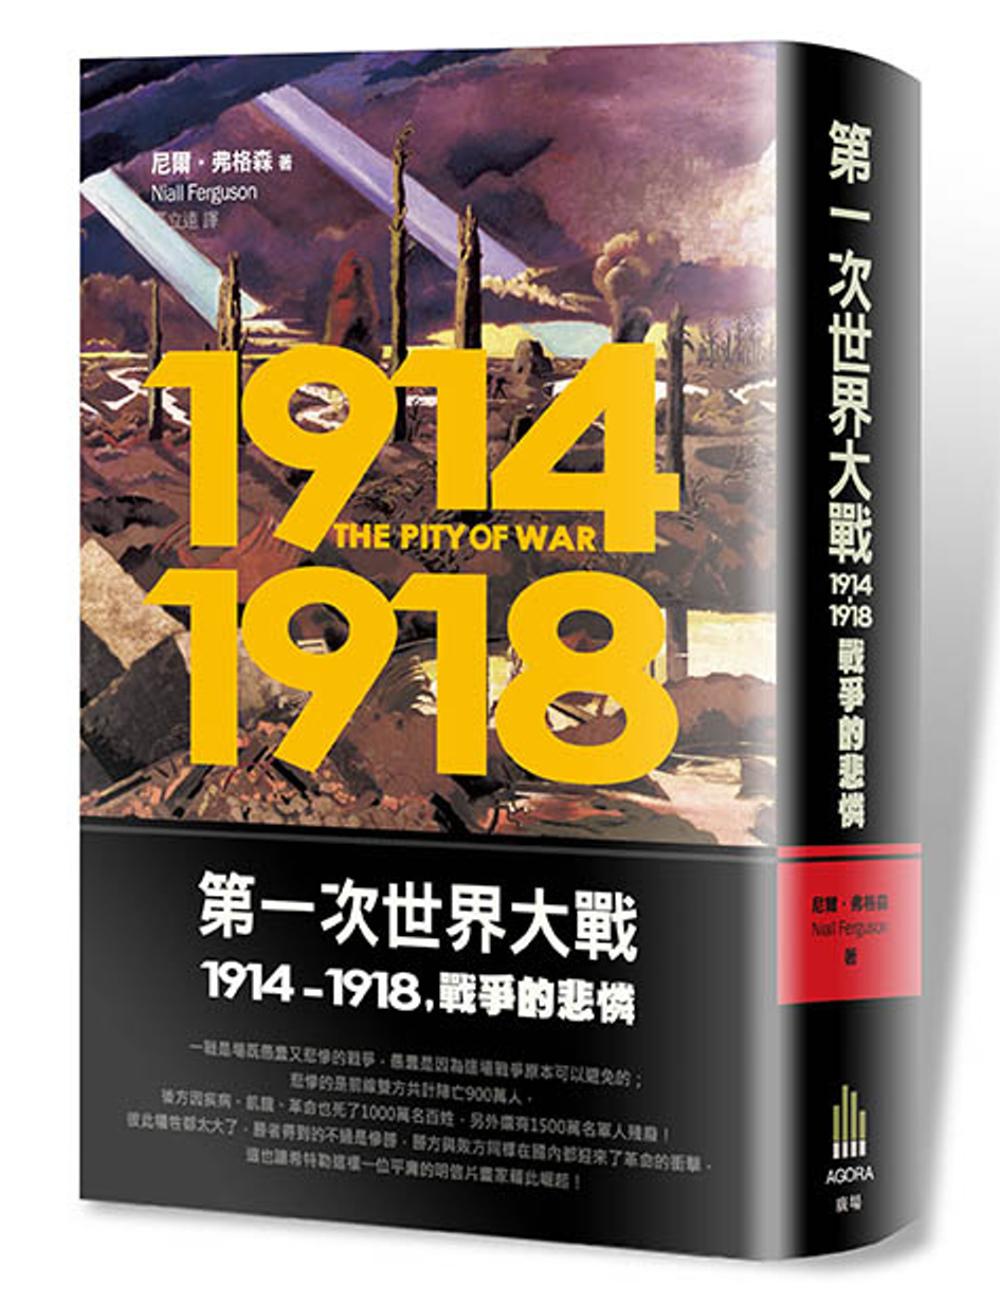 ◤博客來BOOKS◢ 暢銷書榜《推薦》第一次世界大戰,1914-1918 戰爭的悲憐